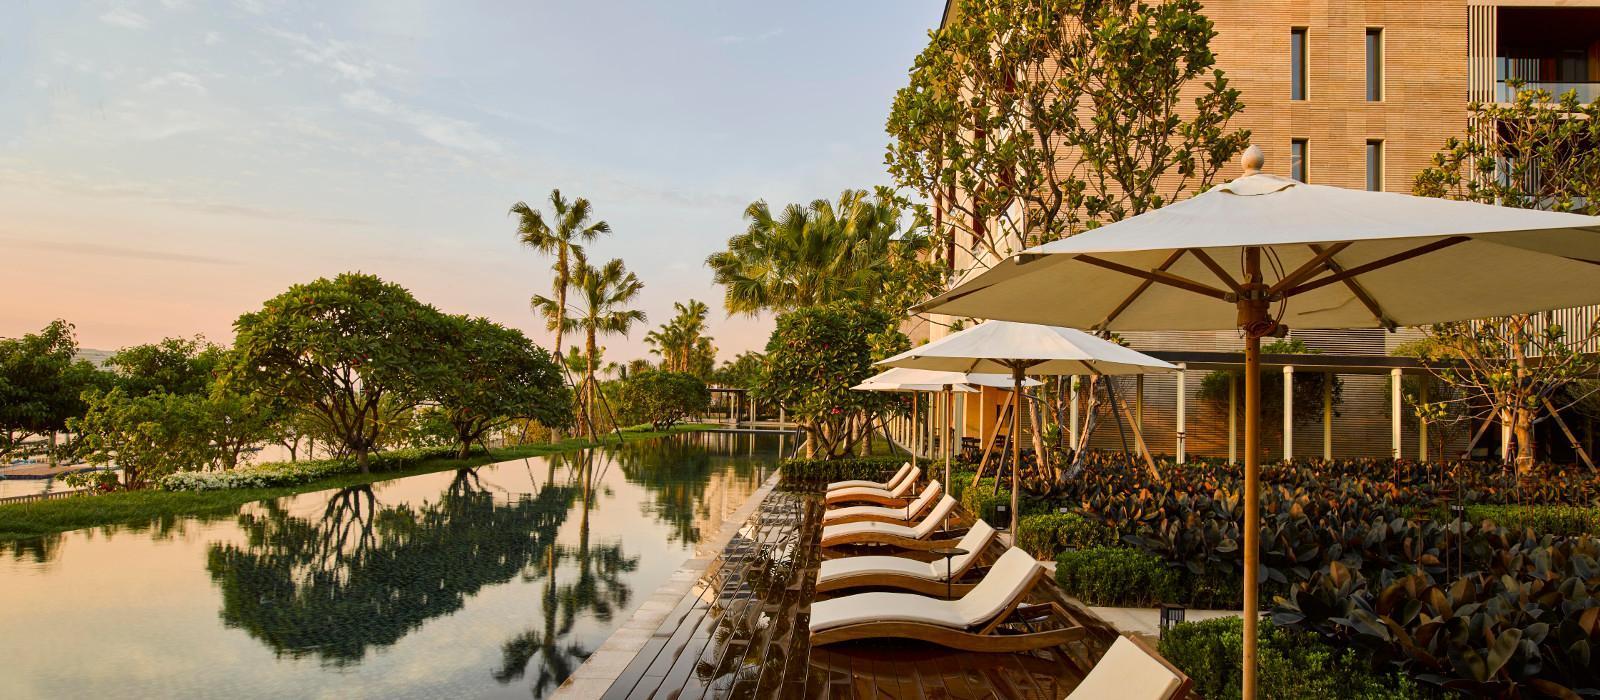 七尚酒店(Lohkah Hotel & Spa)【 厦门,中国】 酒店  www.lhw.cn